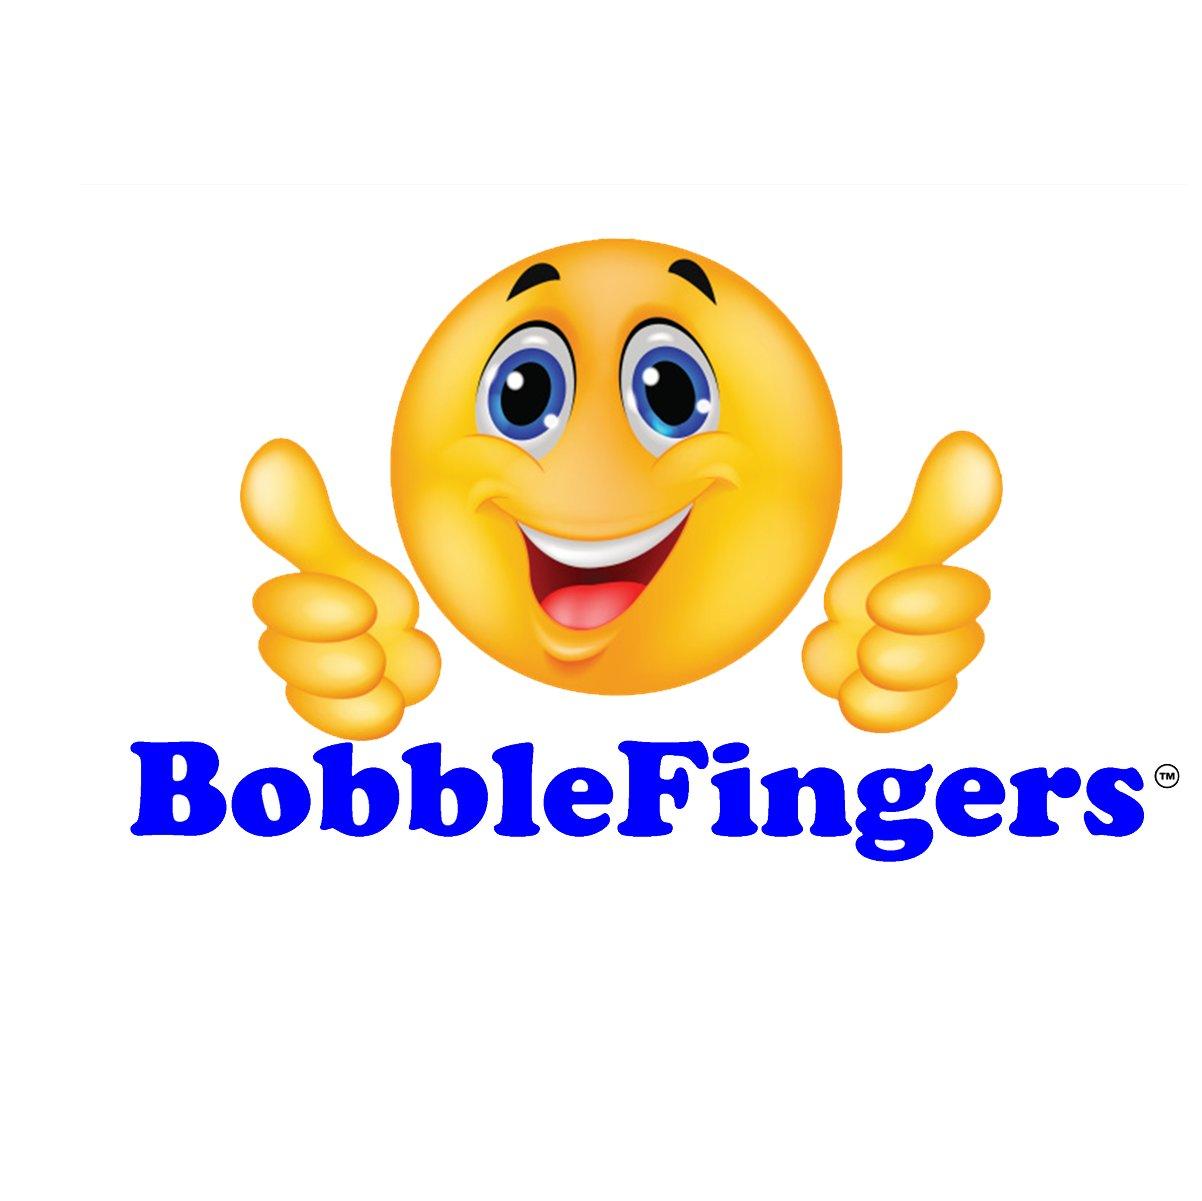 bobblefingers